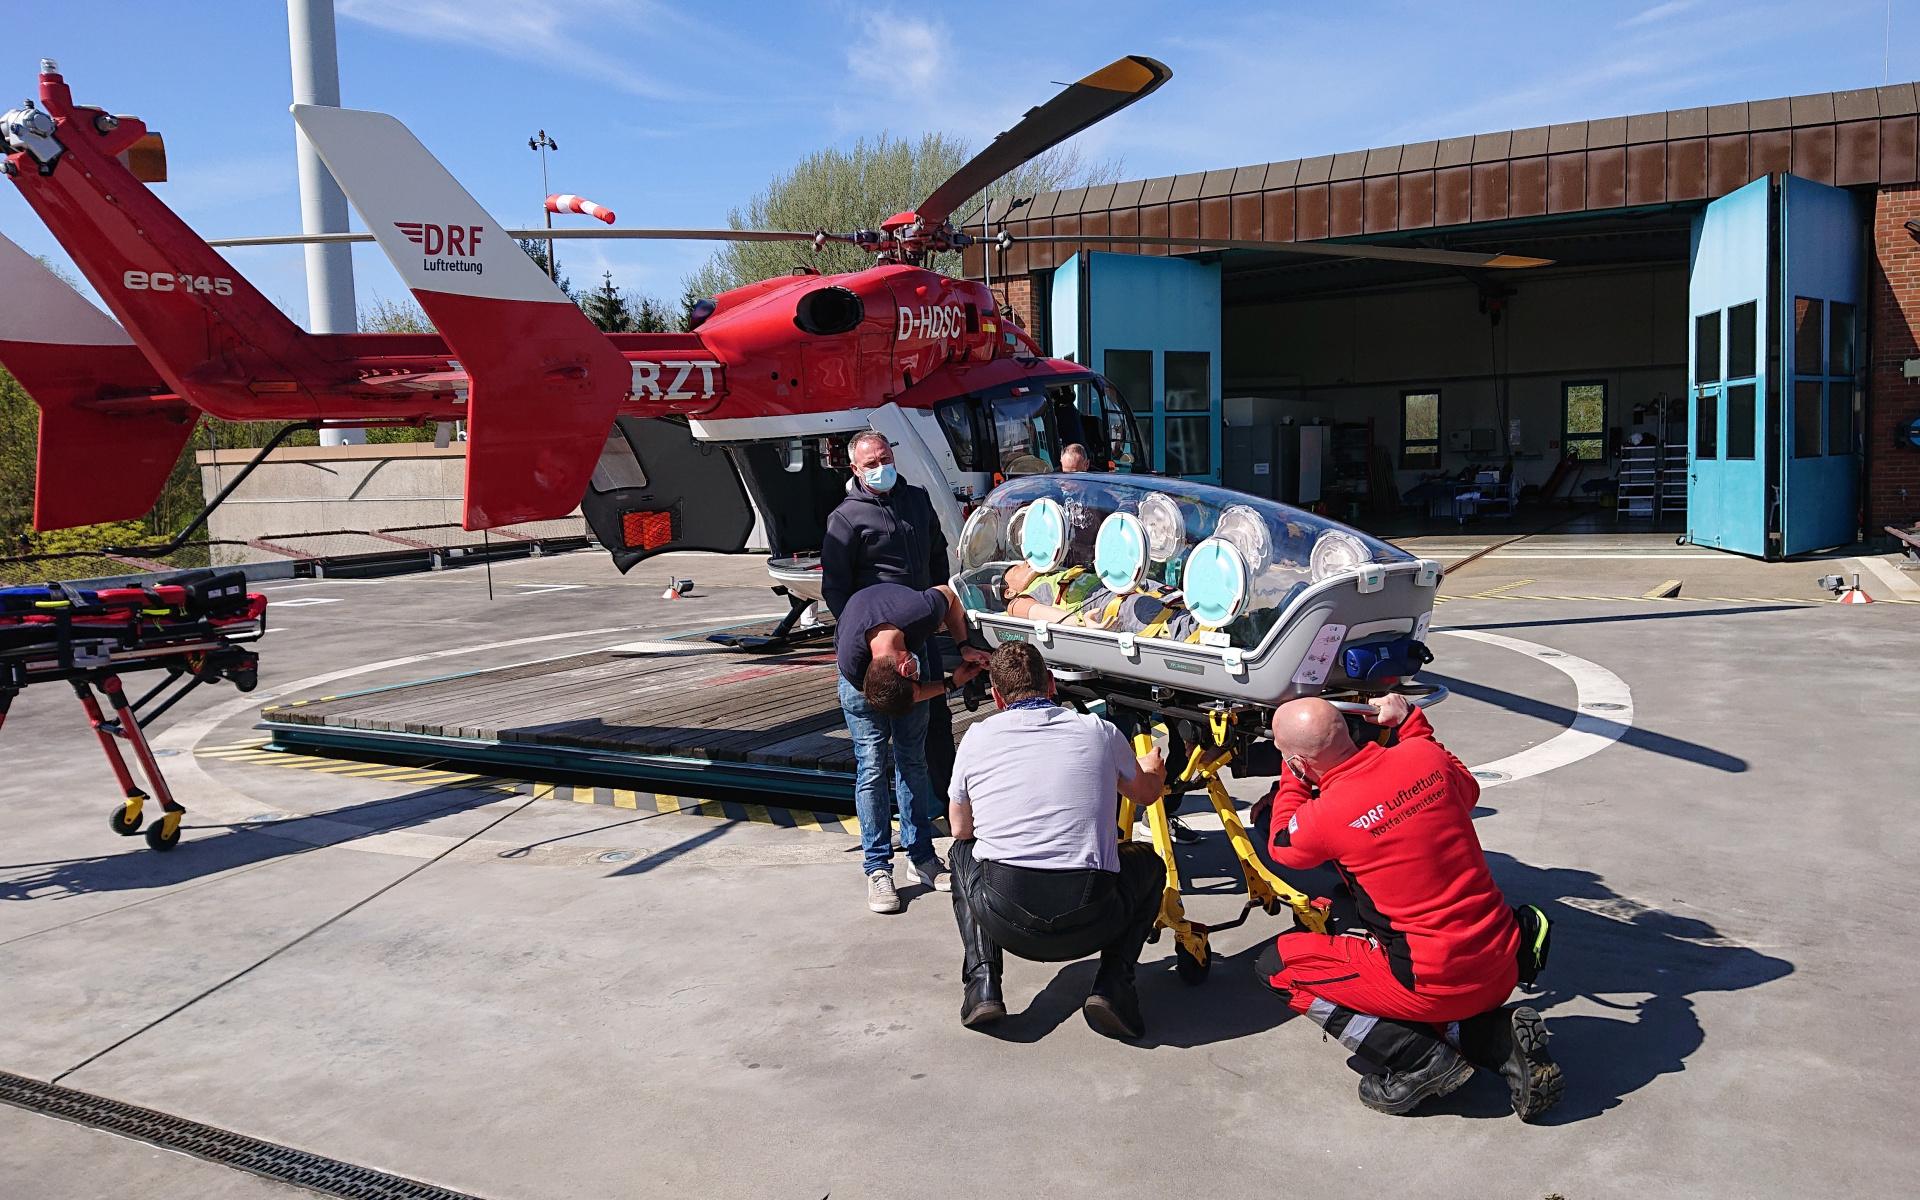 Die medizinischen Besatzungen der Station erhalten Einweisungen und Trainings für einen geübten und sicheren Umgang mit dem EpiShuttle.